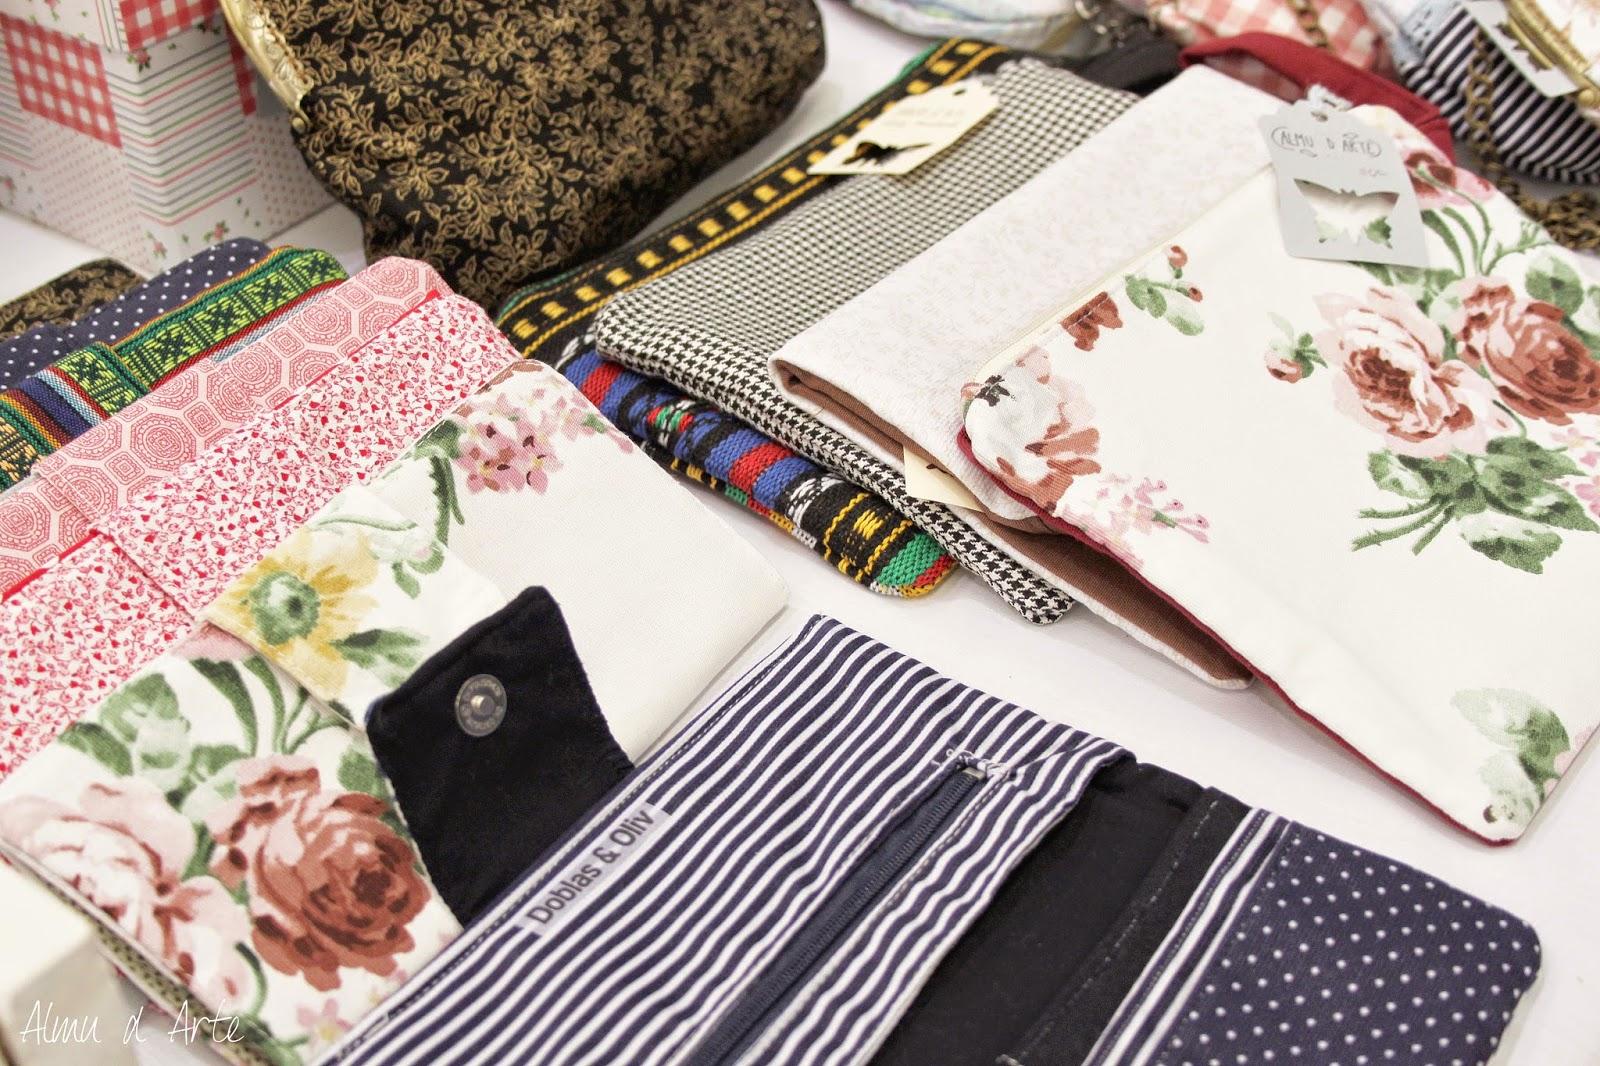 Billetera y bolsos artesanales paramujer